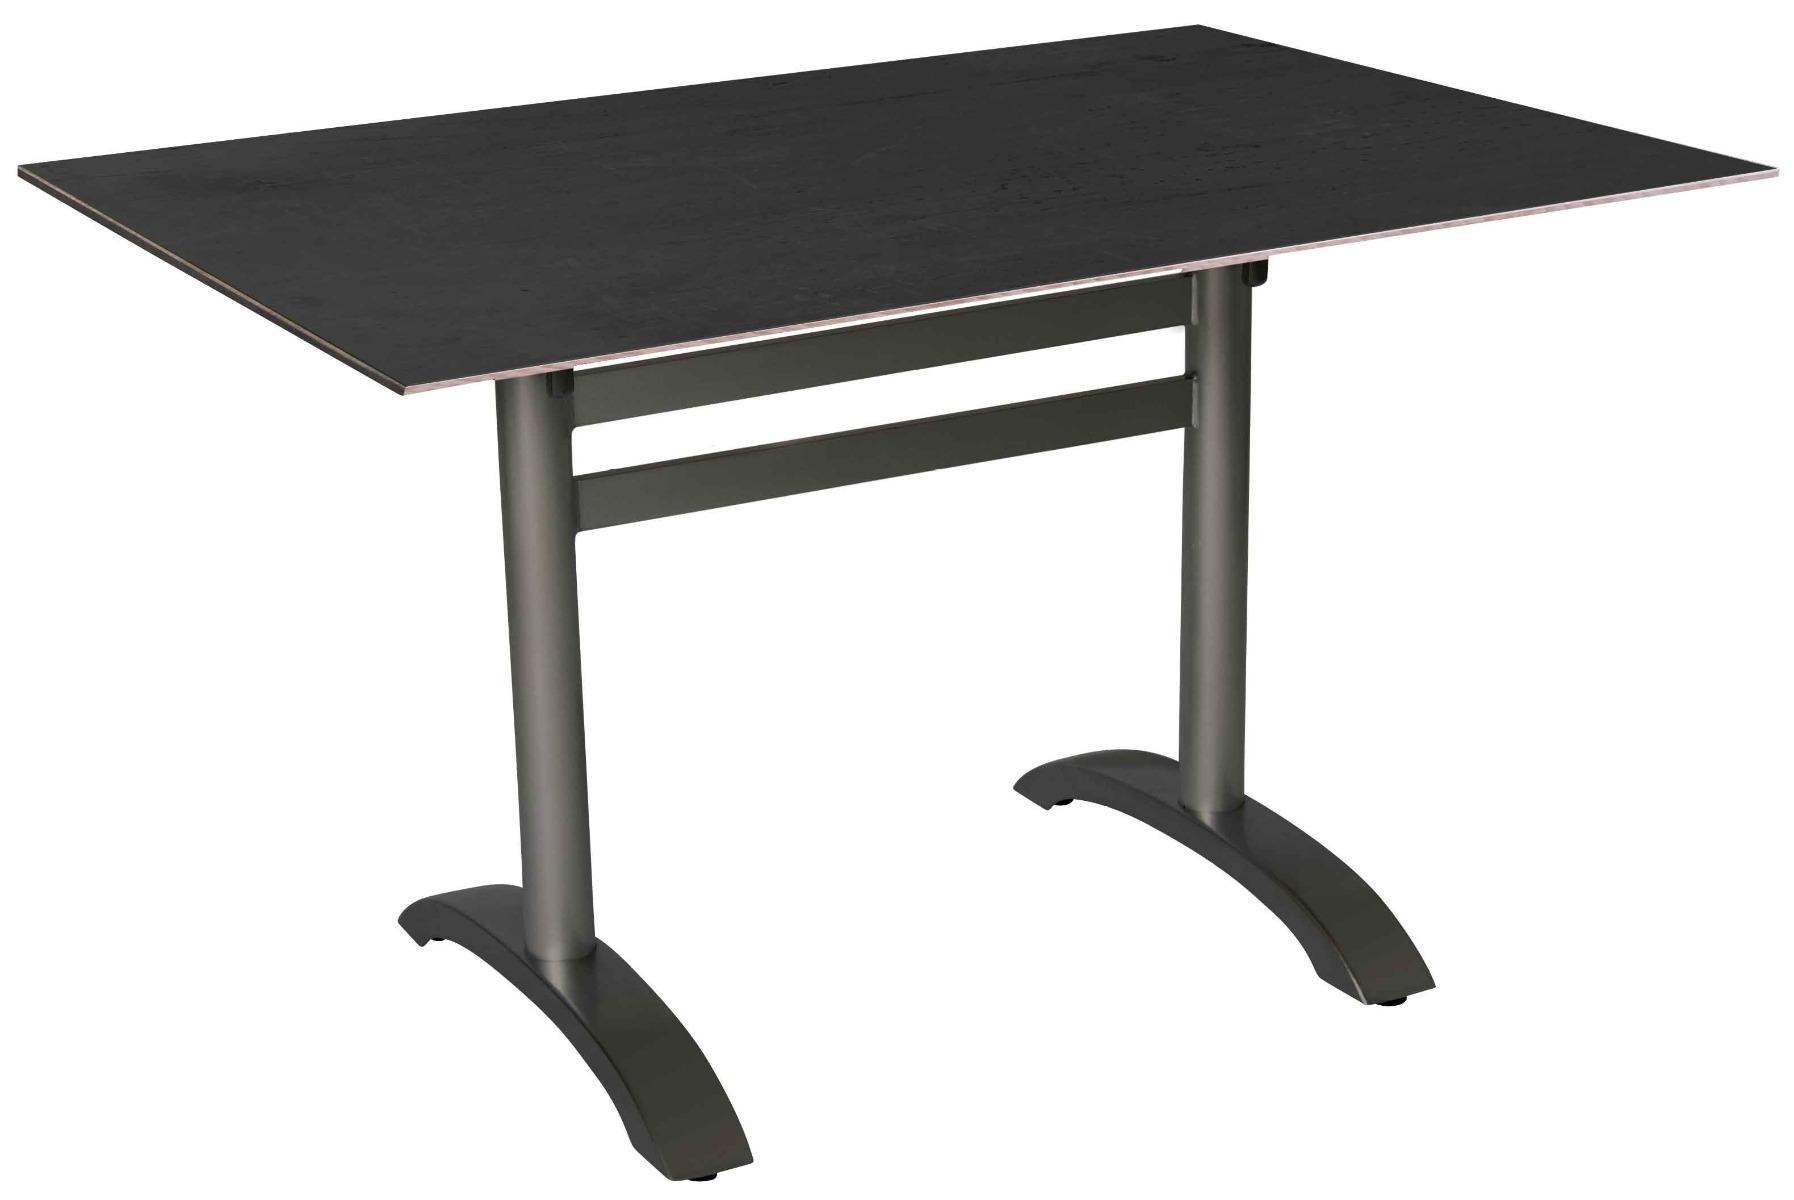 acaplan HPL Tisch 120x80